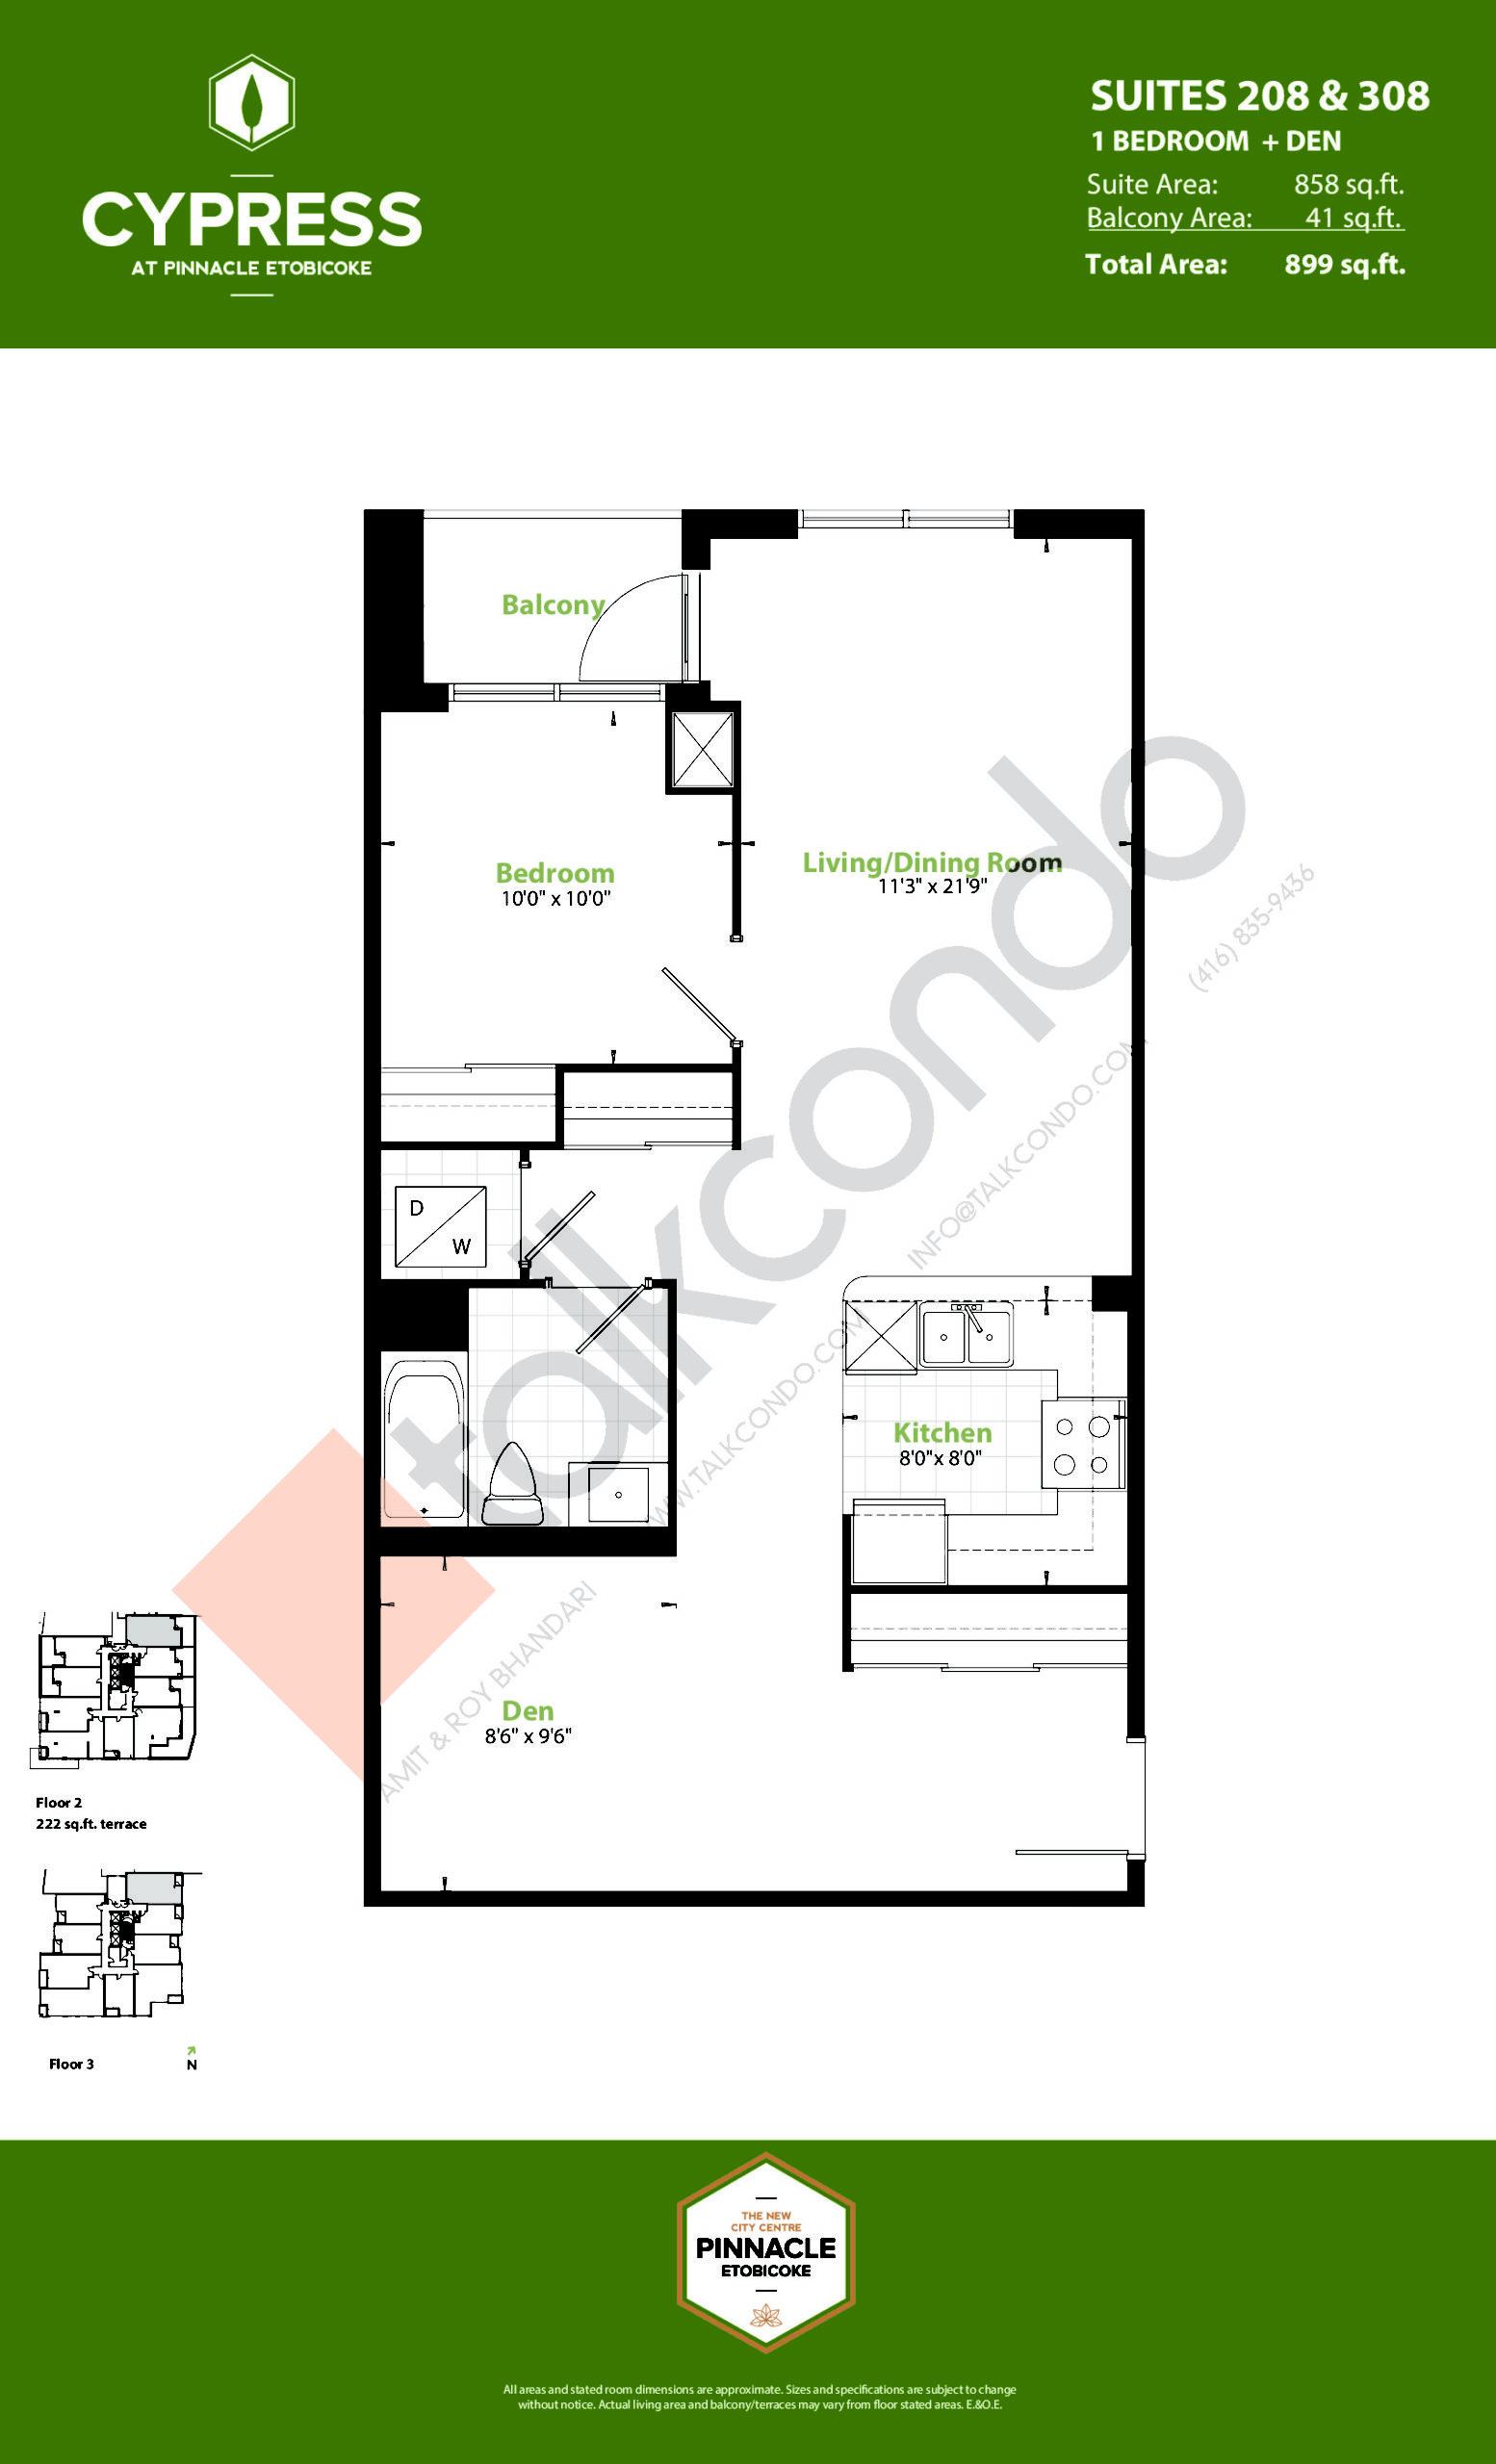 Suites 208 & 308 (Podium) Floor Plan at Cypress at Pinnacle Etobicoke - 858 sq.ft